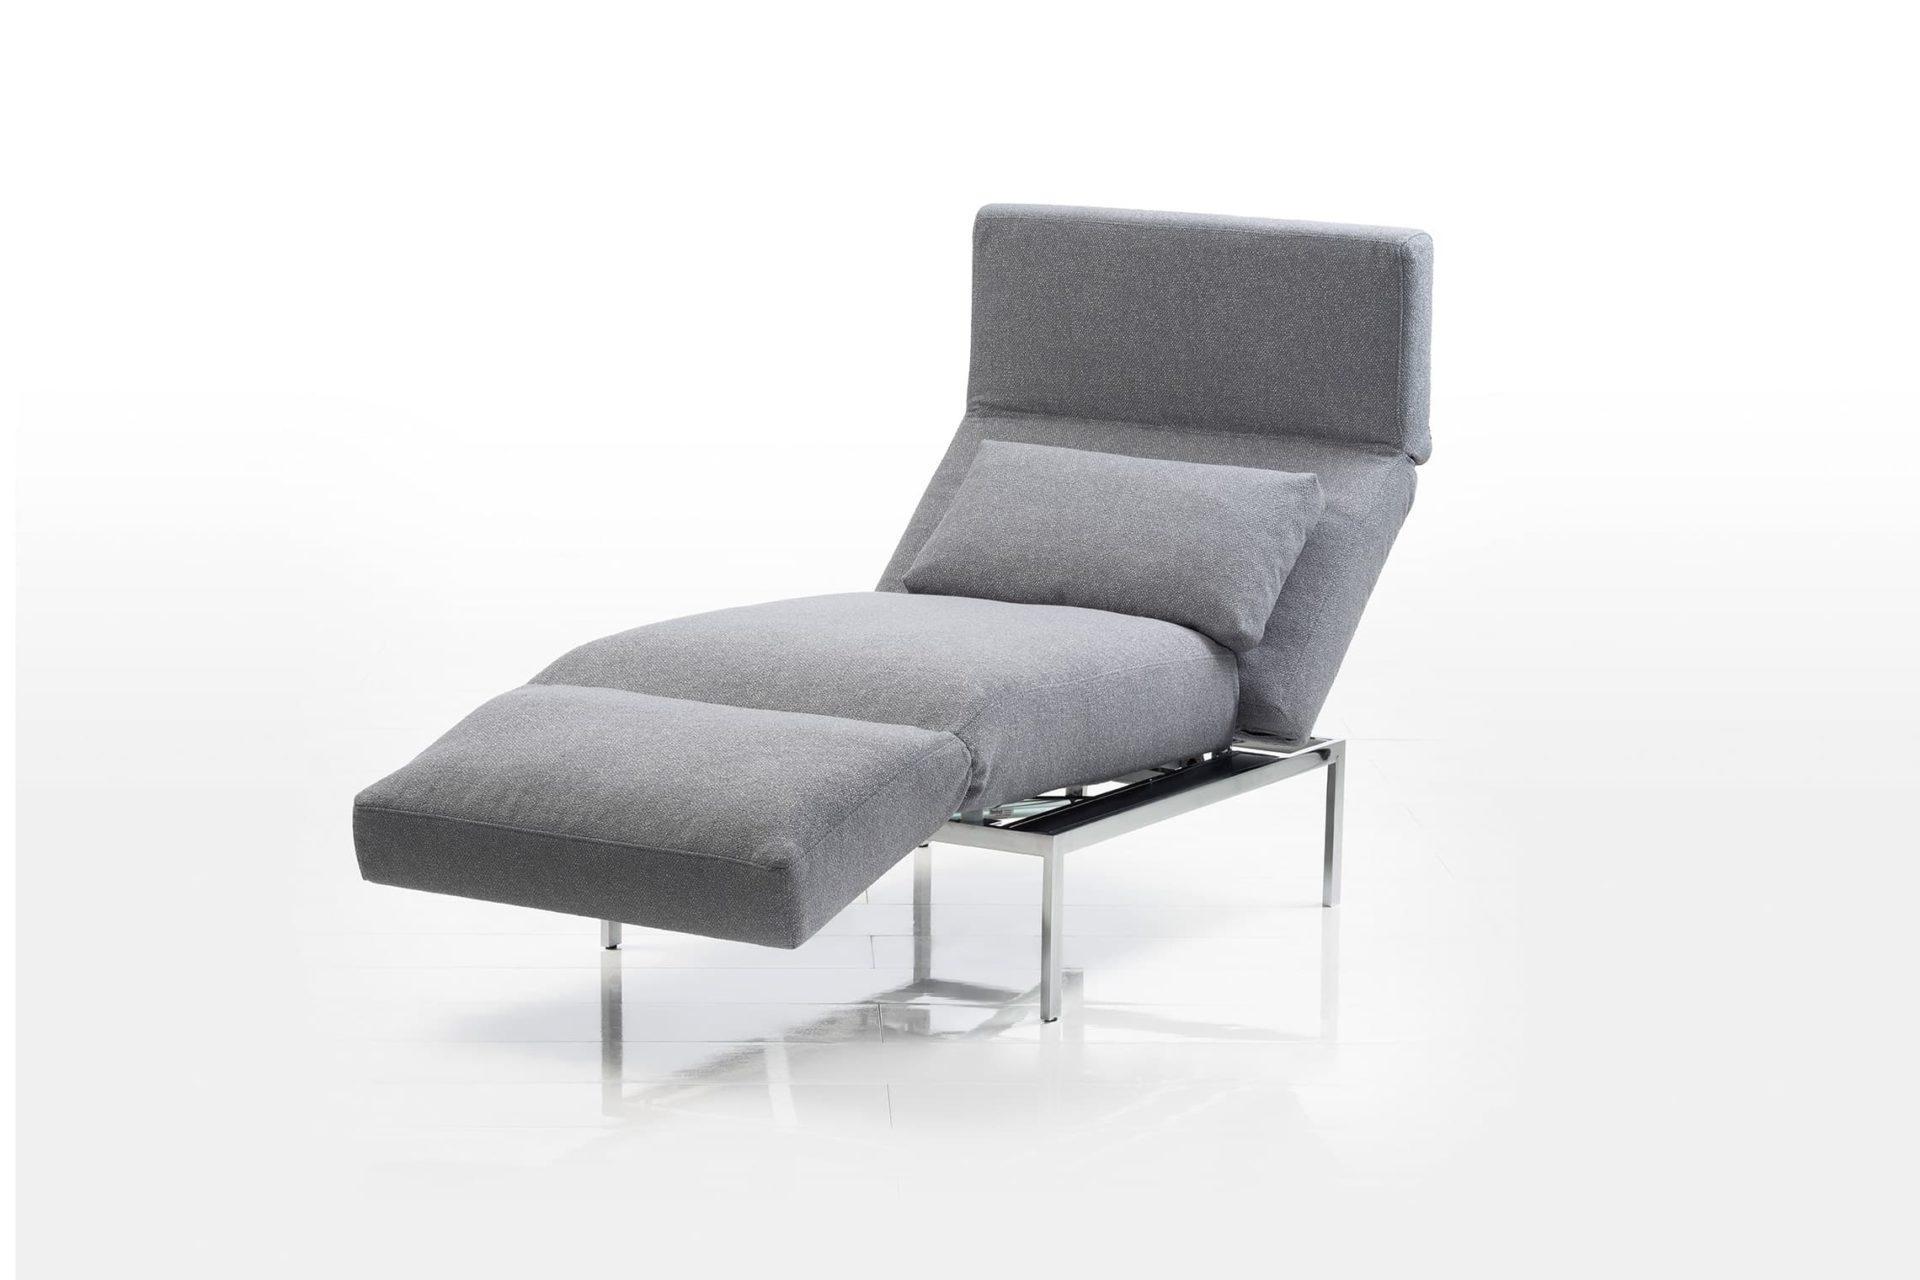 brühl Einsitzer Sessel Relax Liegen roro